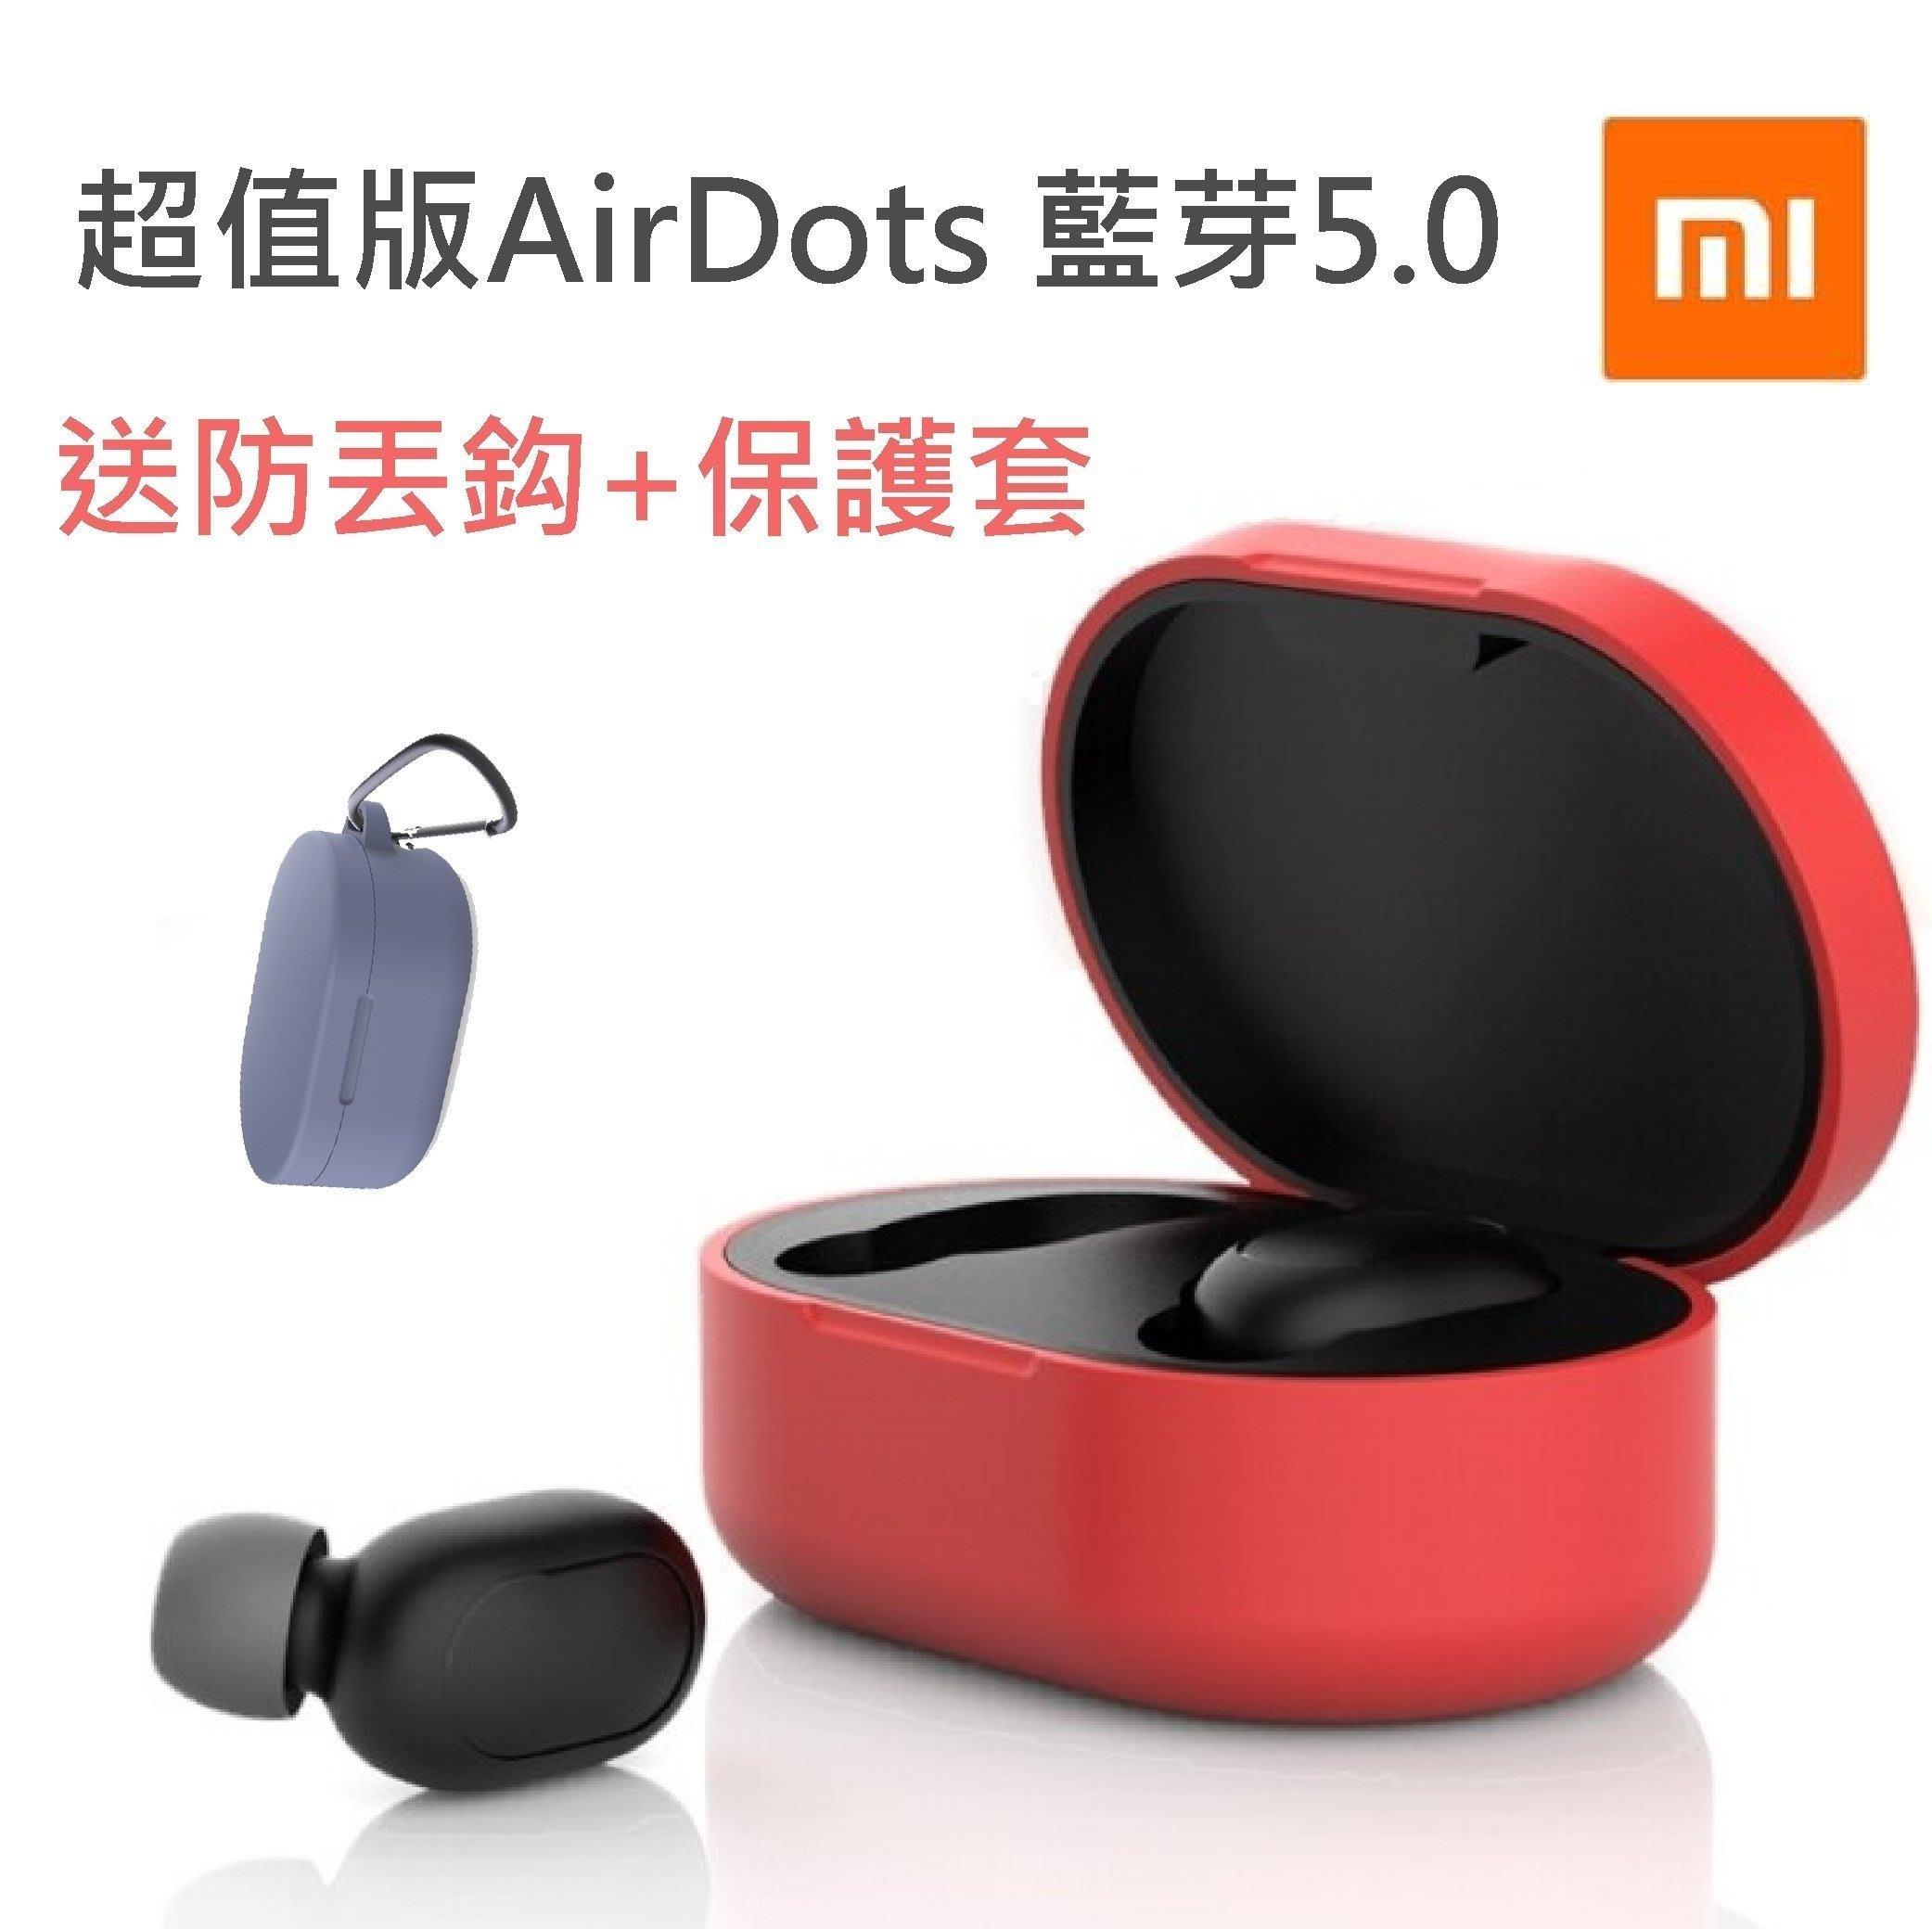 送保護套+掛勾 小米超值版 藍牙耳機 AirDots 無線藍芽耳機5.0【C1057】